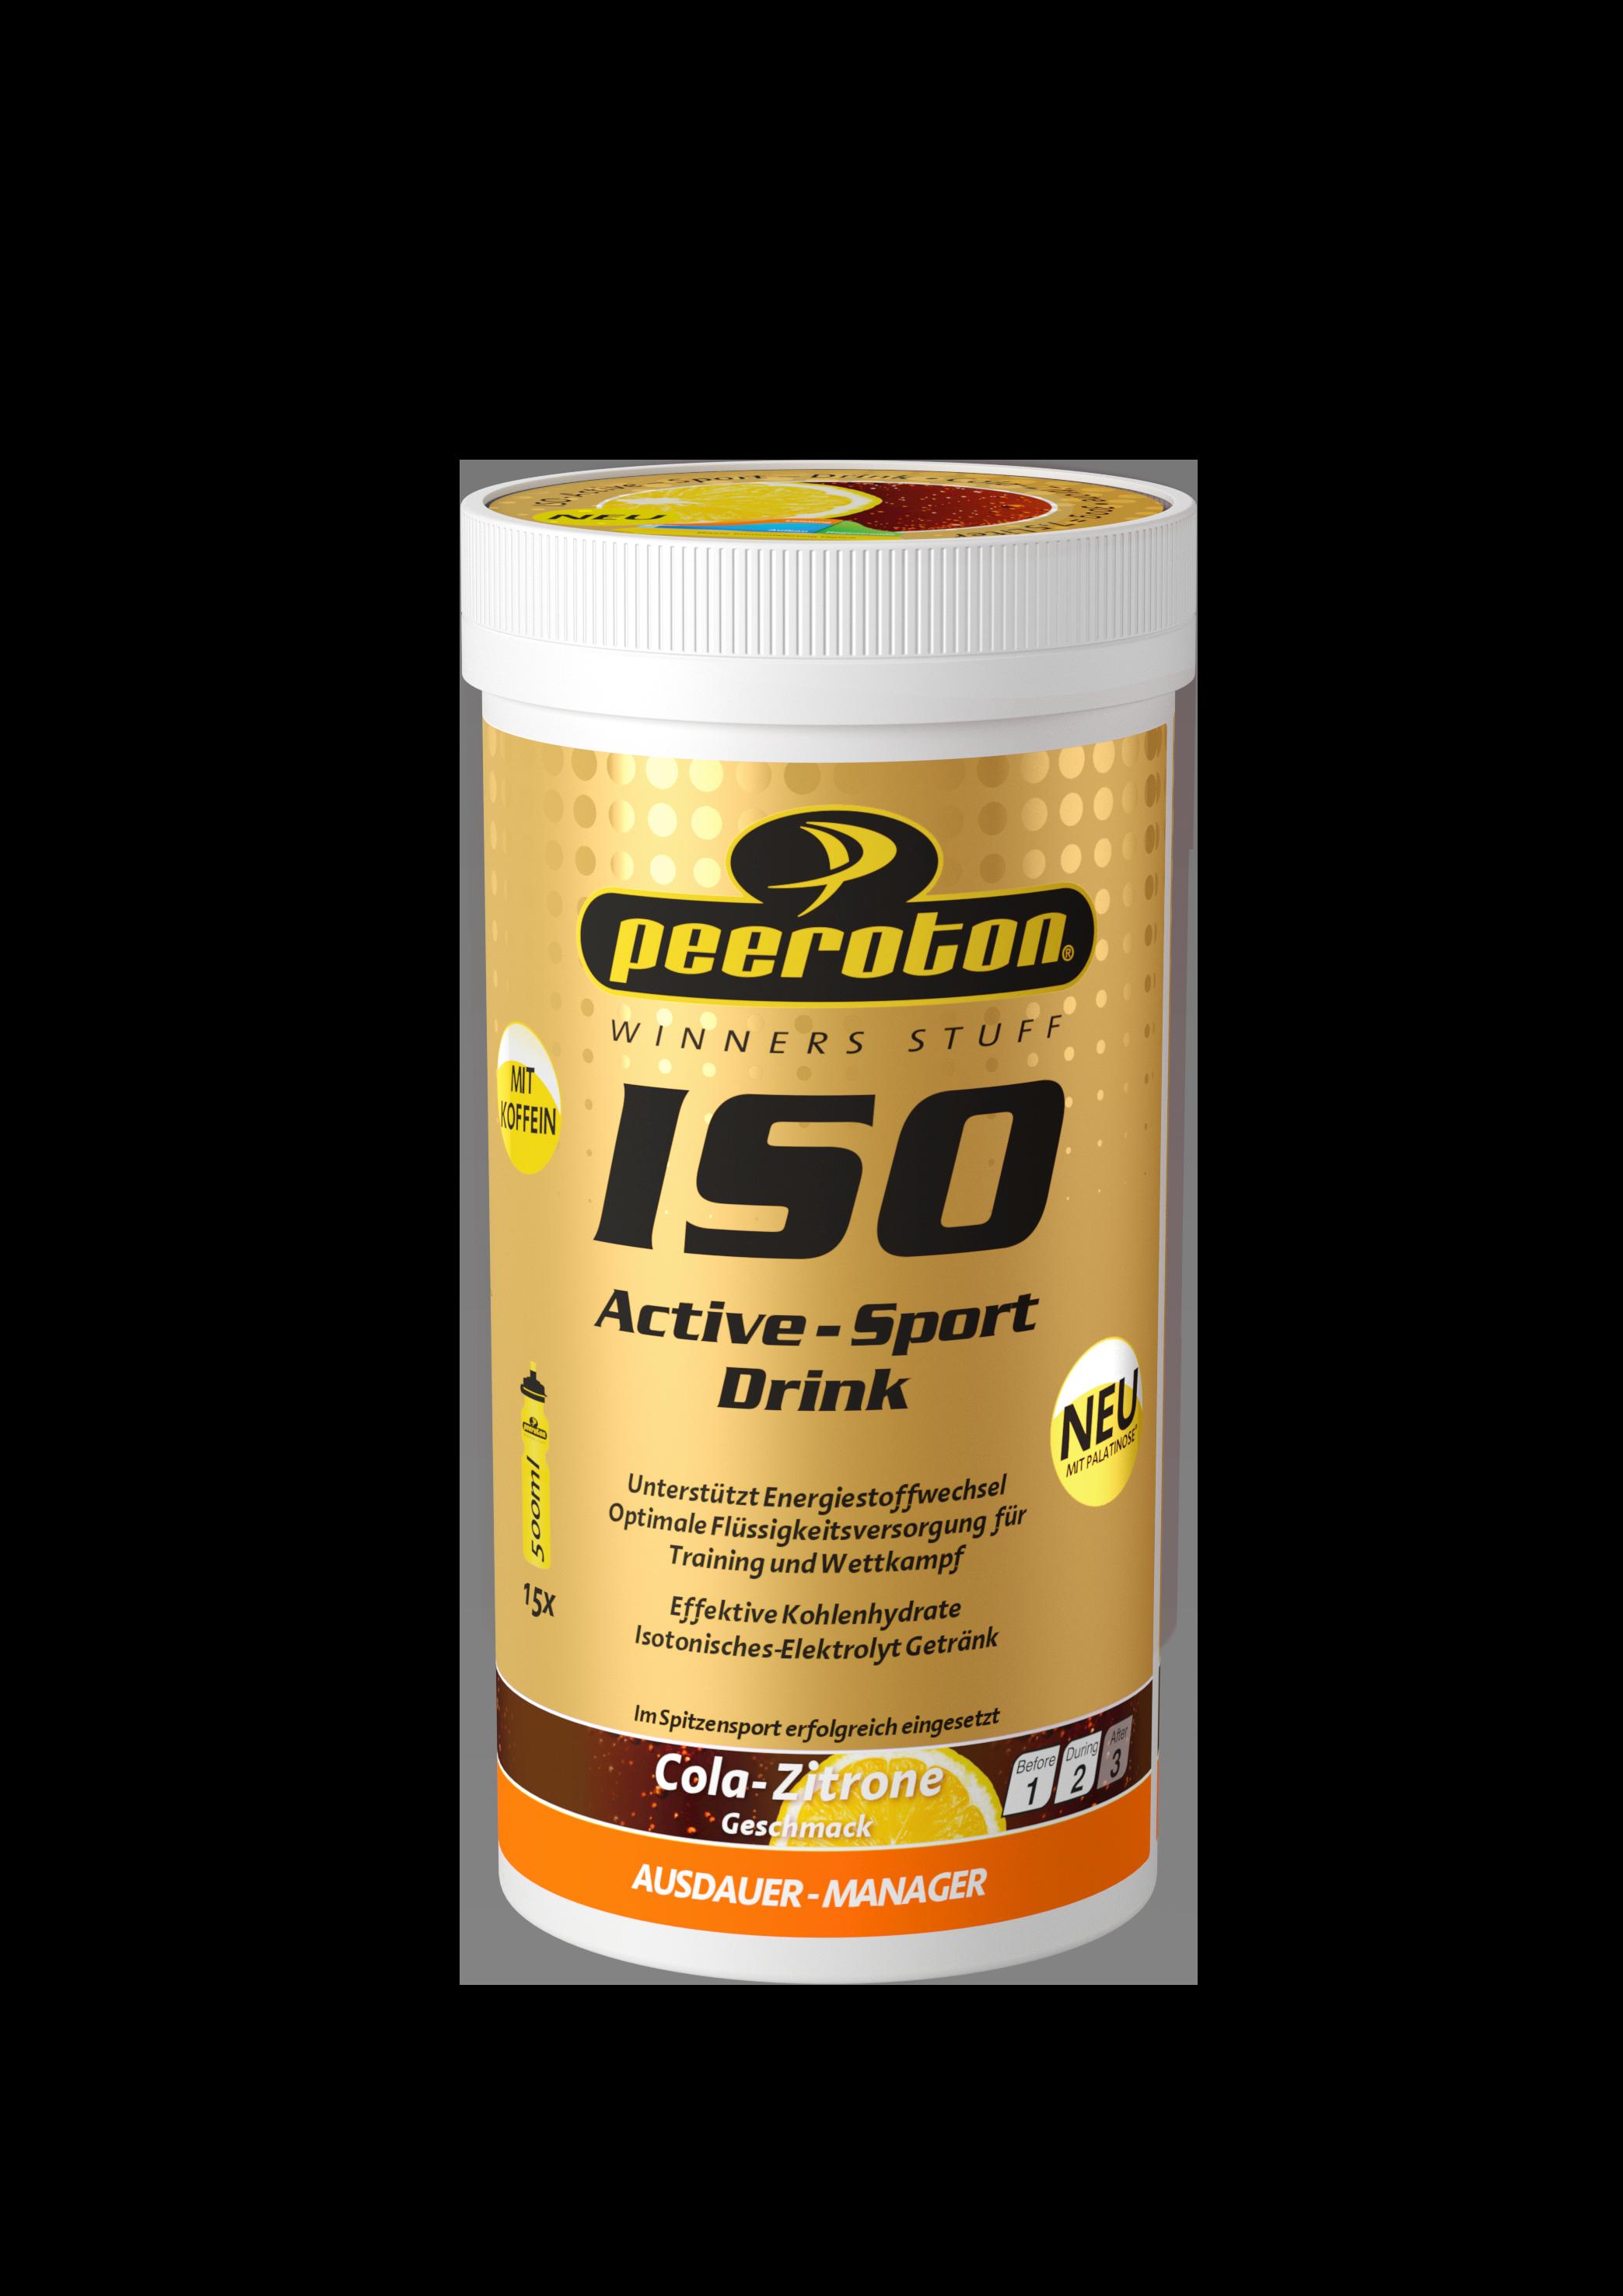 Peeroton ISO-ACTIVE Sportdrink 300g Cola-Zitrone // Ausdauer